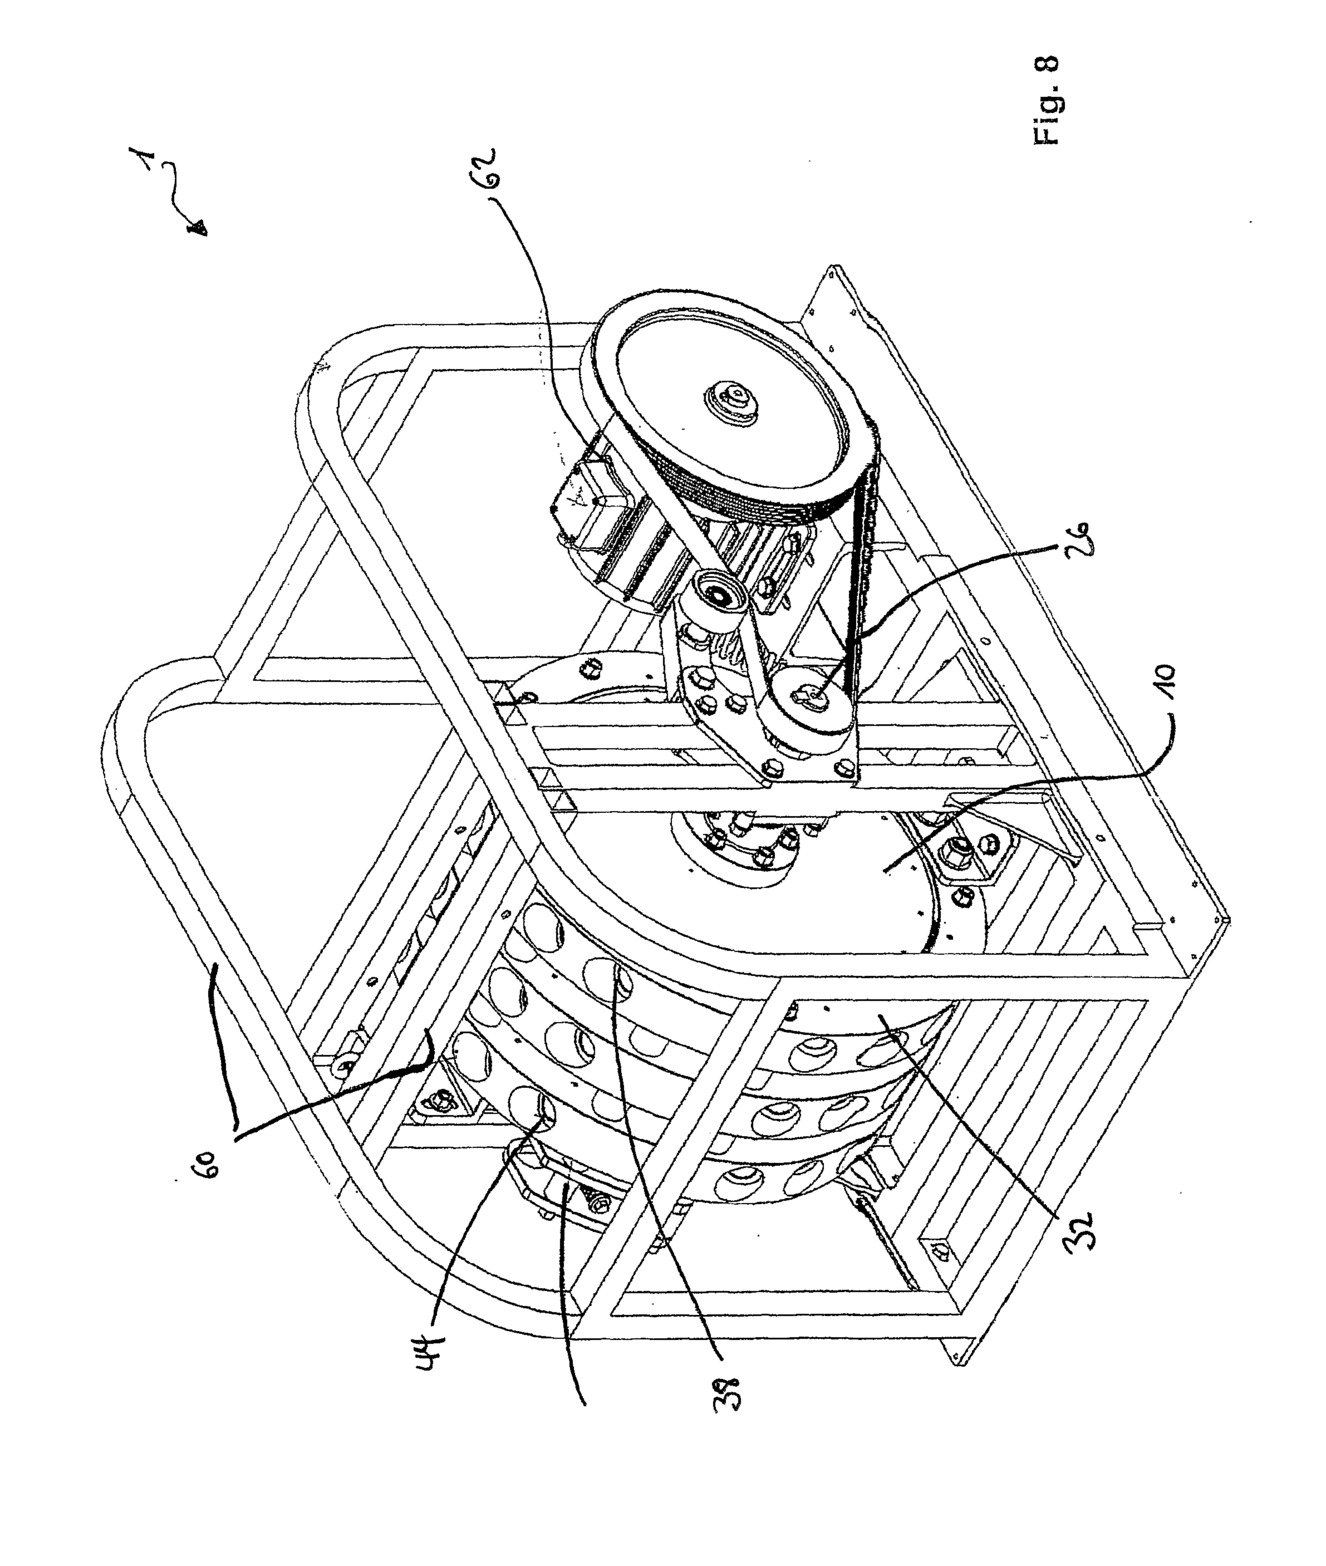 Diagramas Planos Y Patentes De Motores Magneticos Free Energ